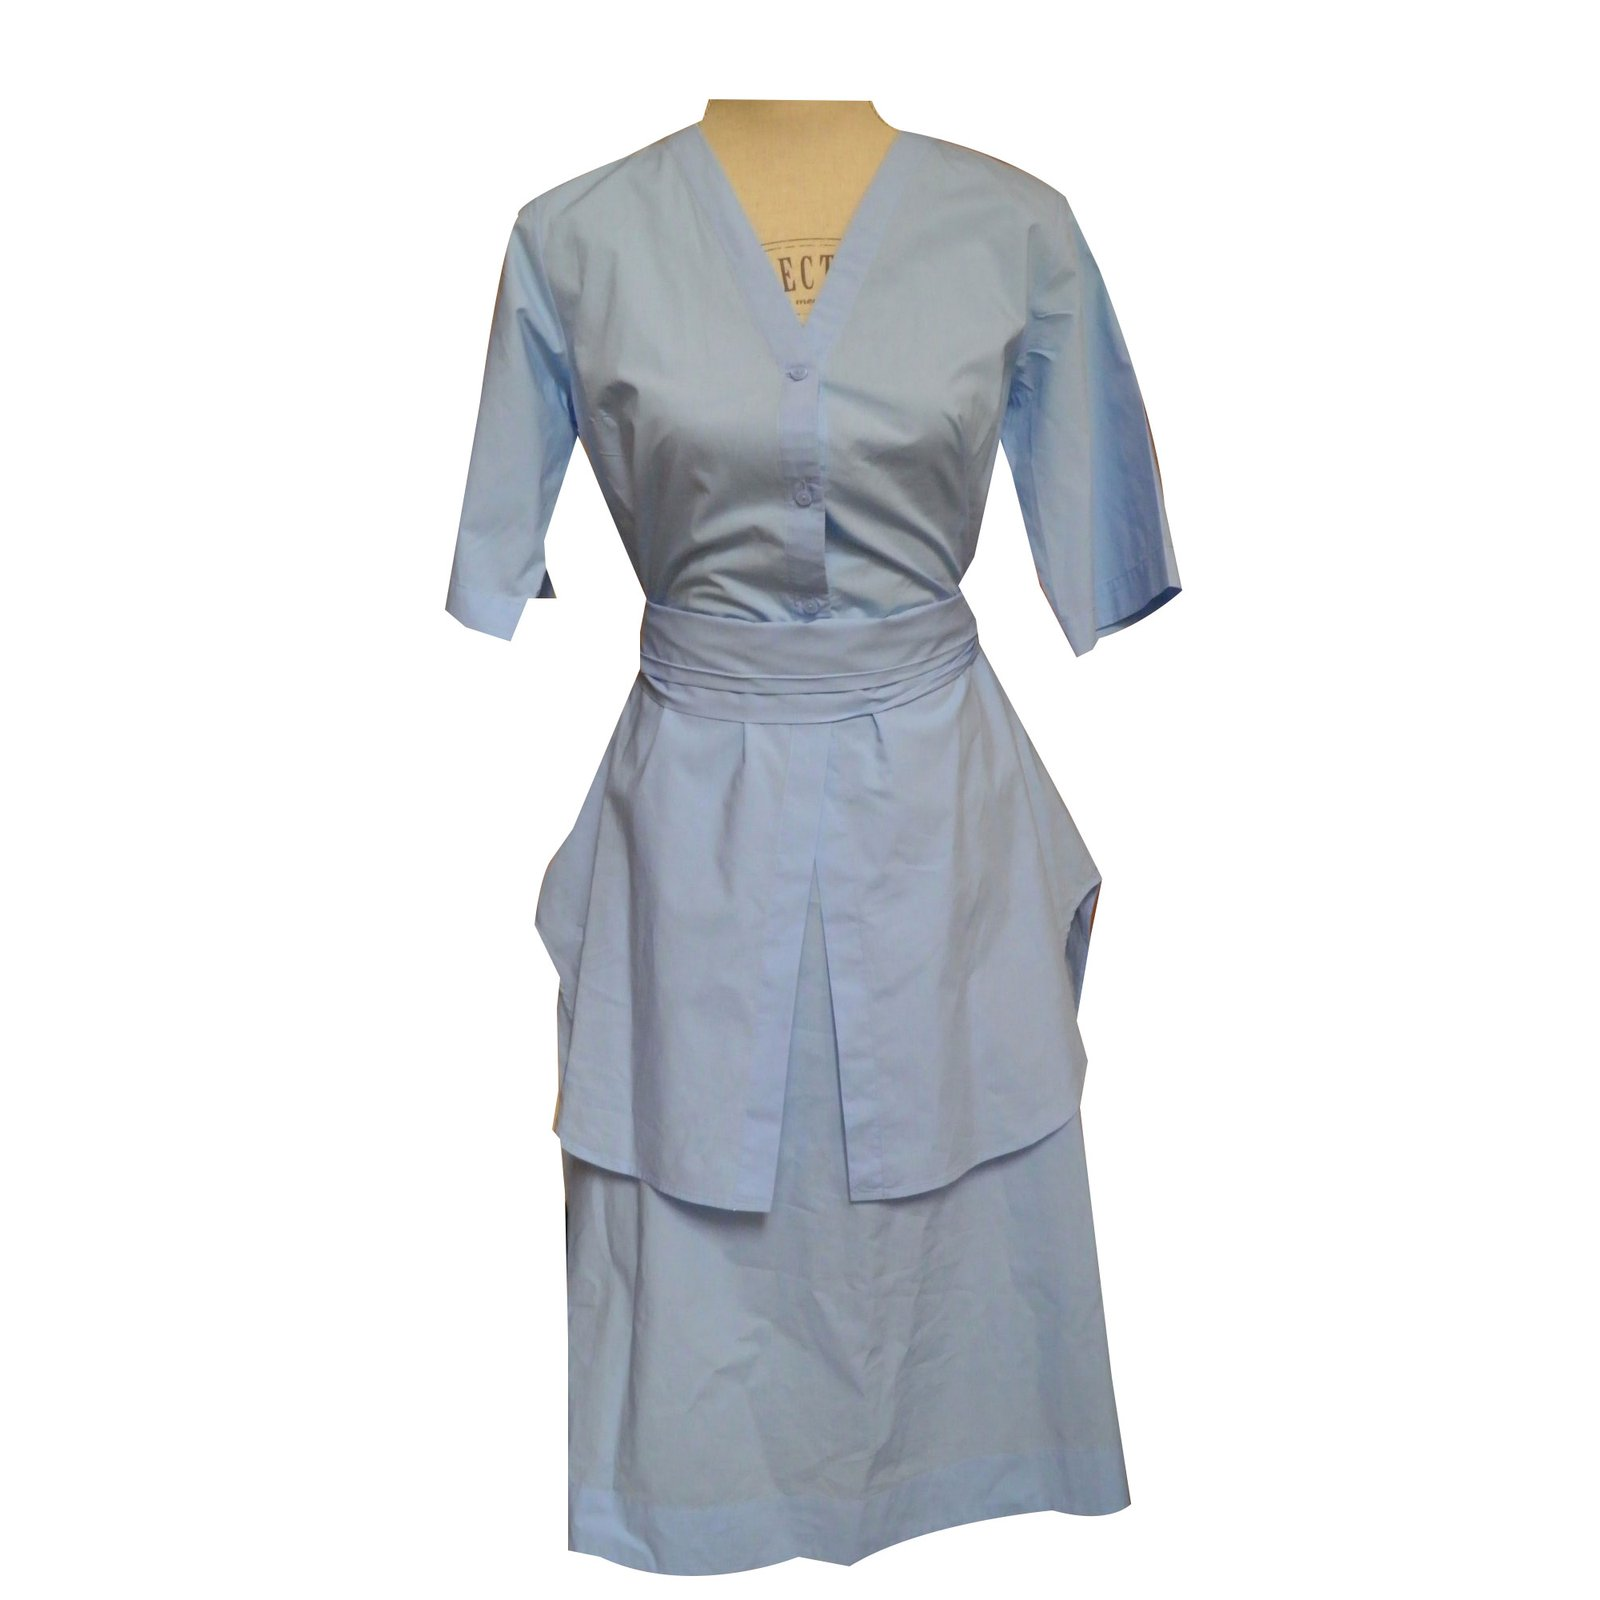 38027 38027 38027 Robe Autre Bleu Closet Cos Robes Ref Joli w6qvXpg